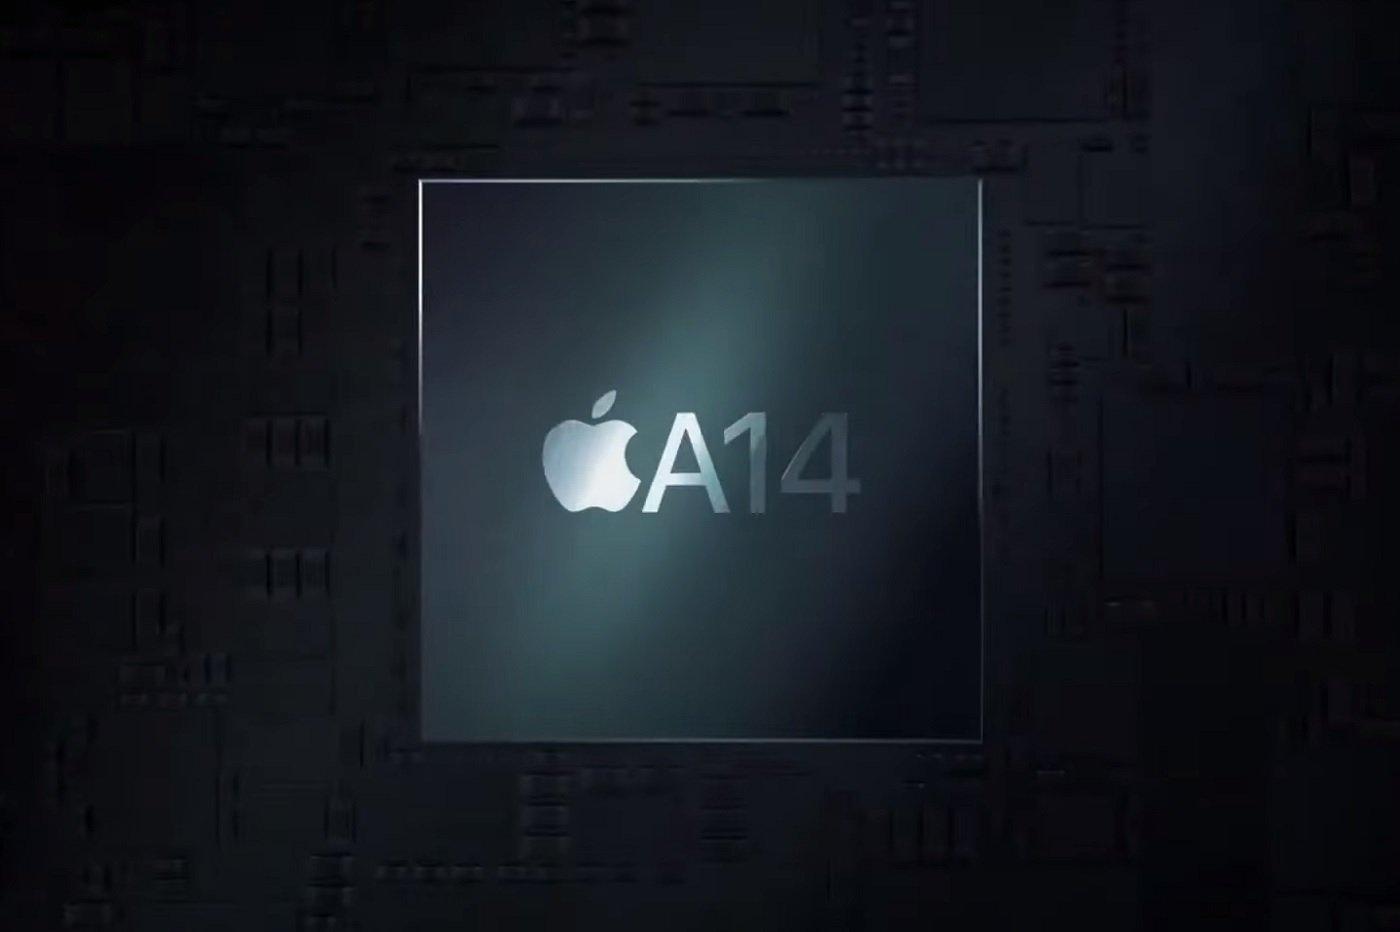 Le processeur A14 d'Apple